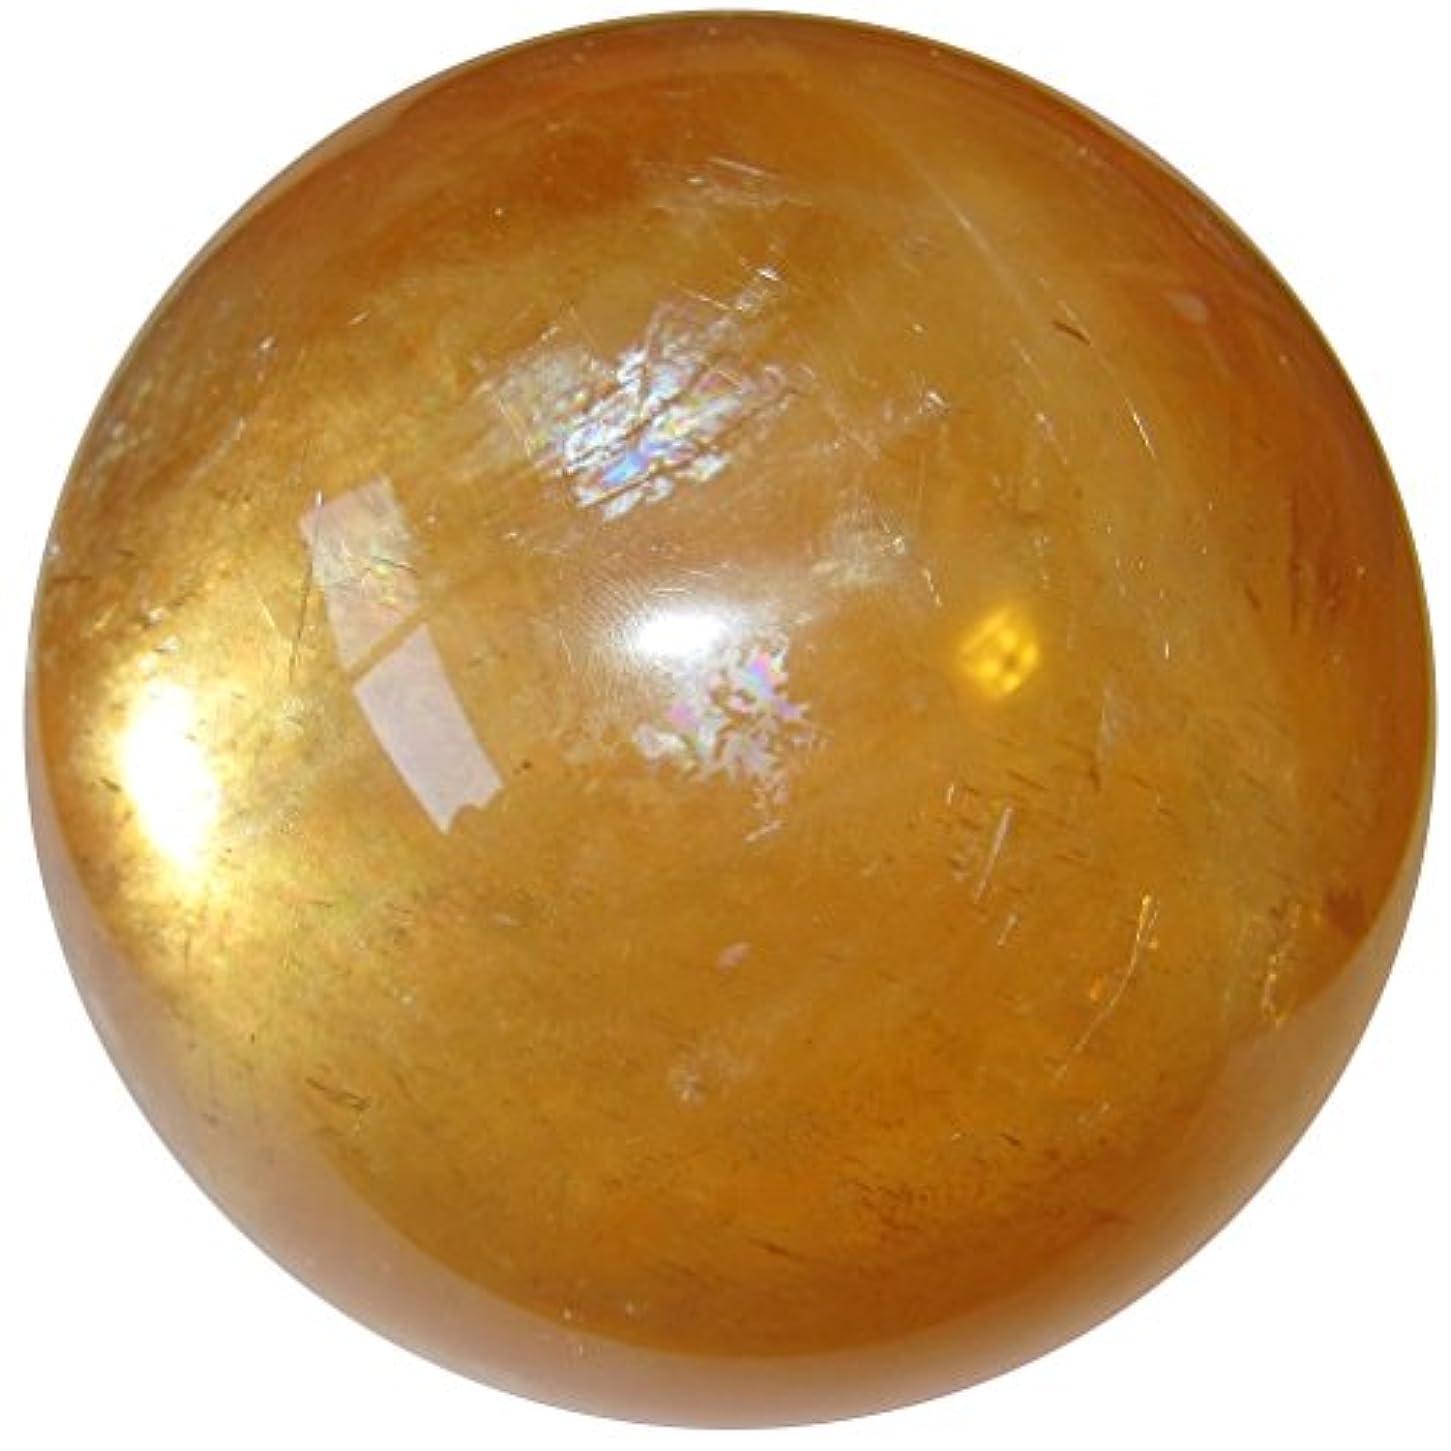 船酔い追い払う中央値Calciteオレンジボール3.4